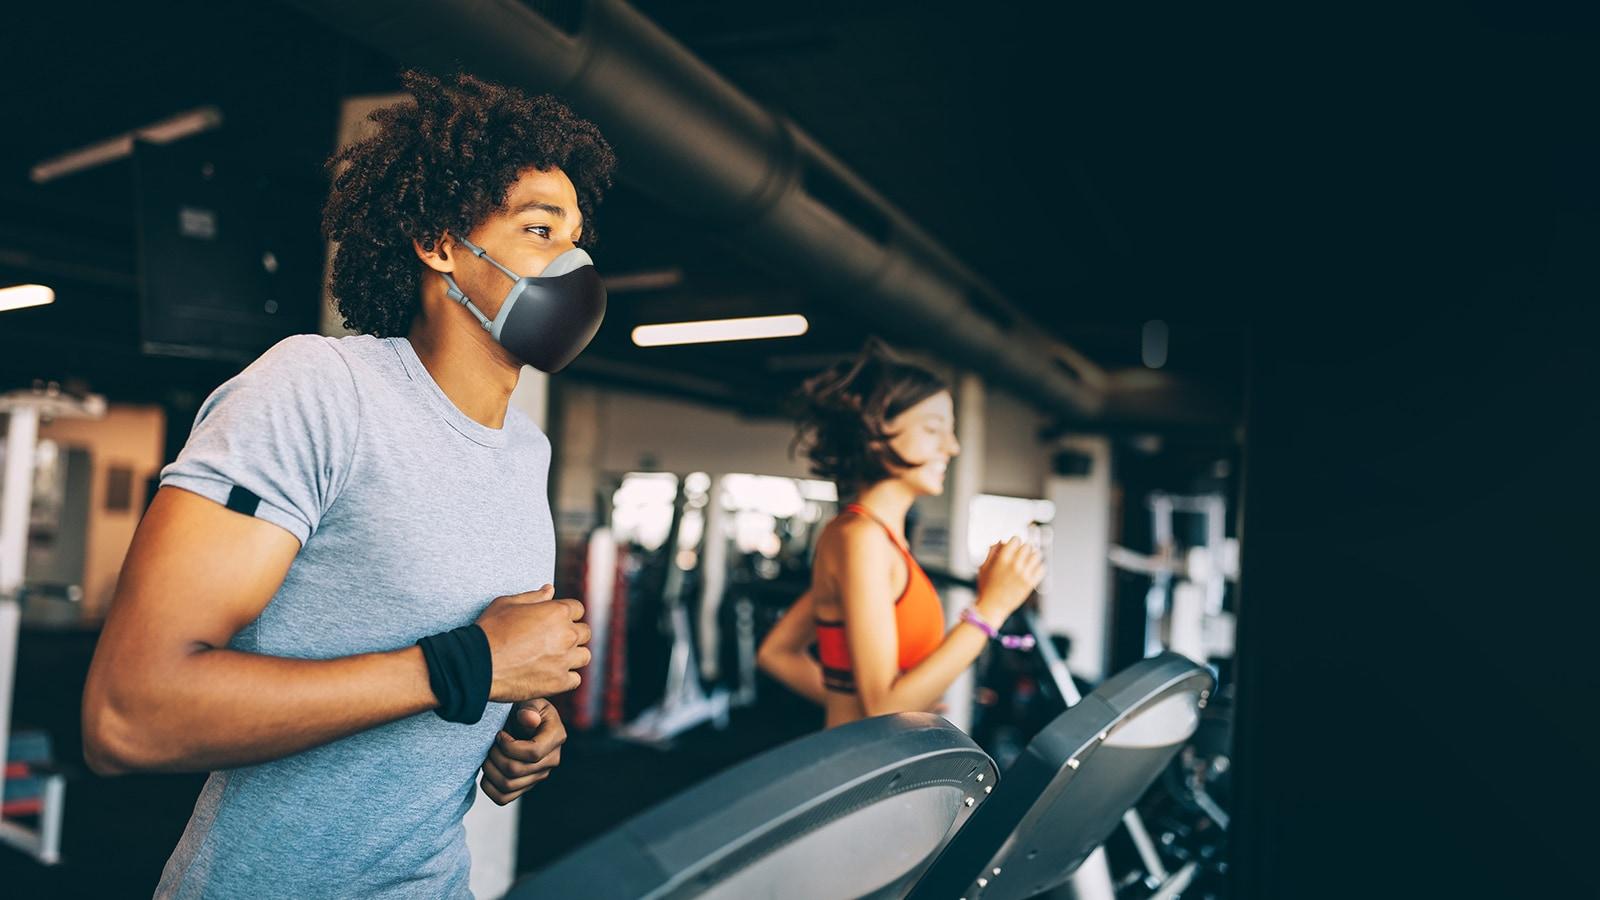 一名戴著黑色 LG PuriCare 穿戴式空氣清新機的非裔美國男子正在健身室的跑步機上跑步。他看起來呼吸順暢,神態自若。